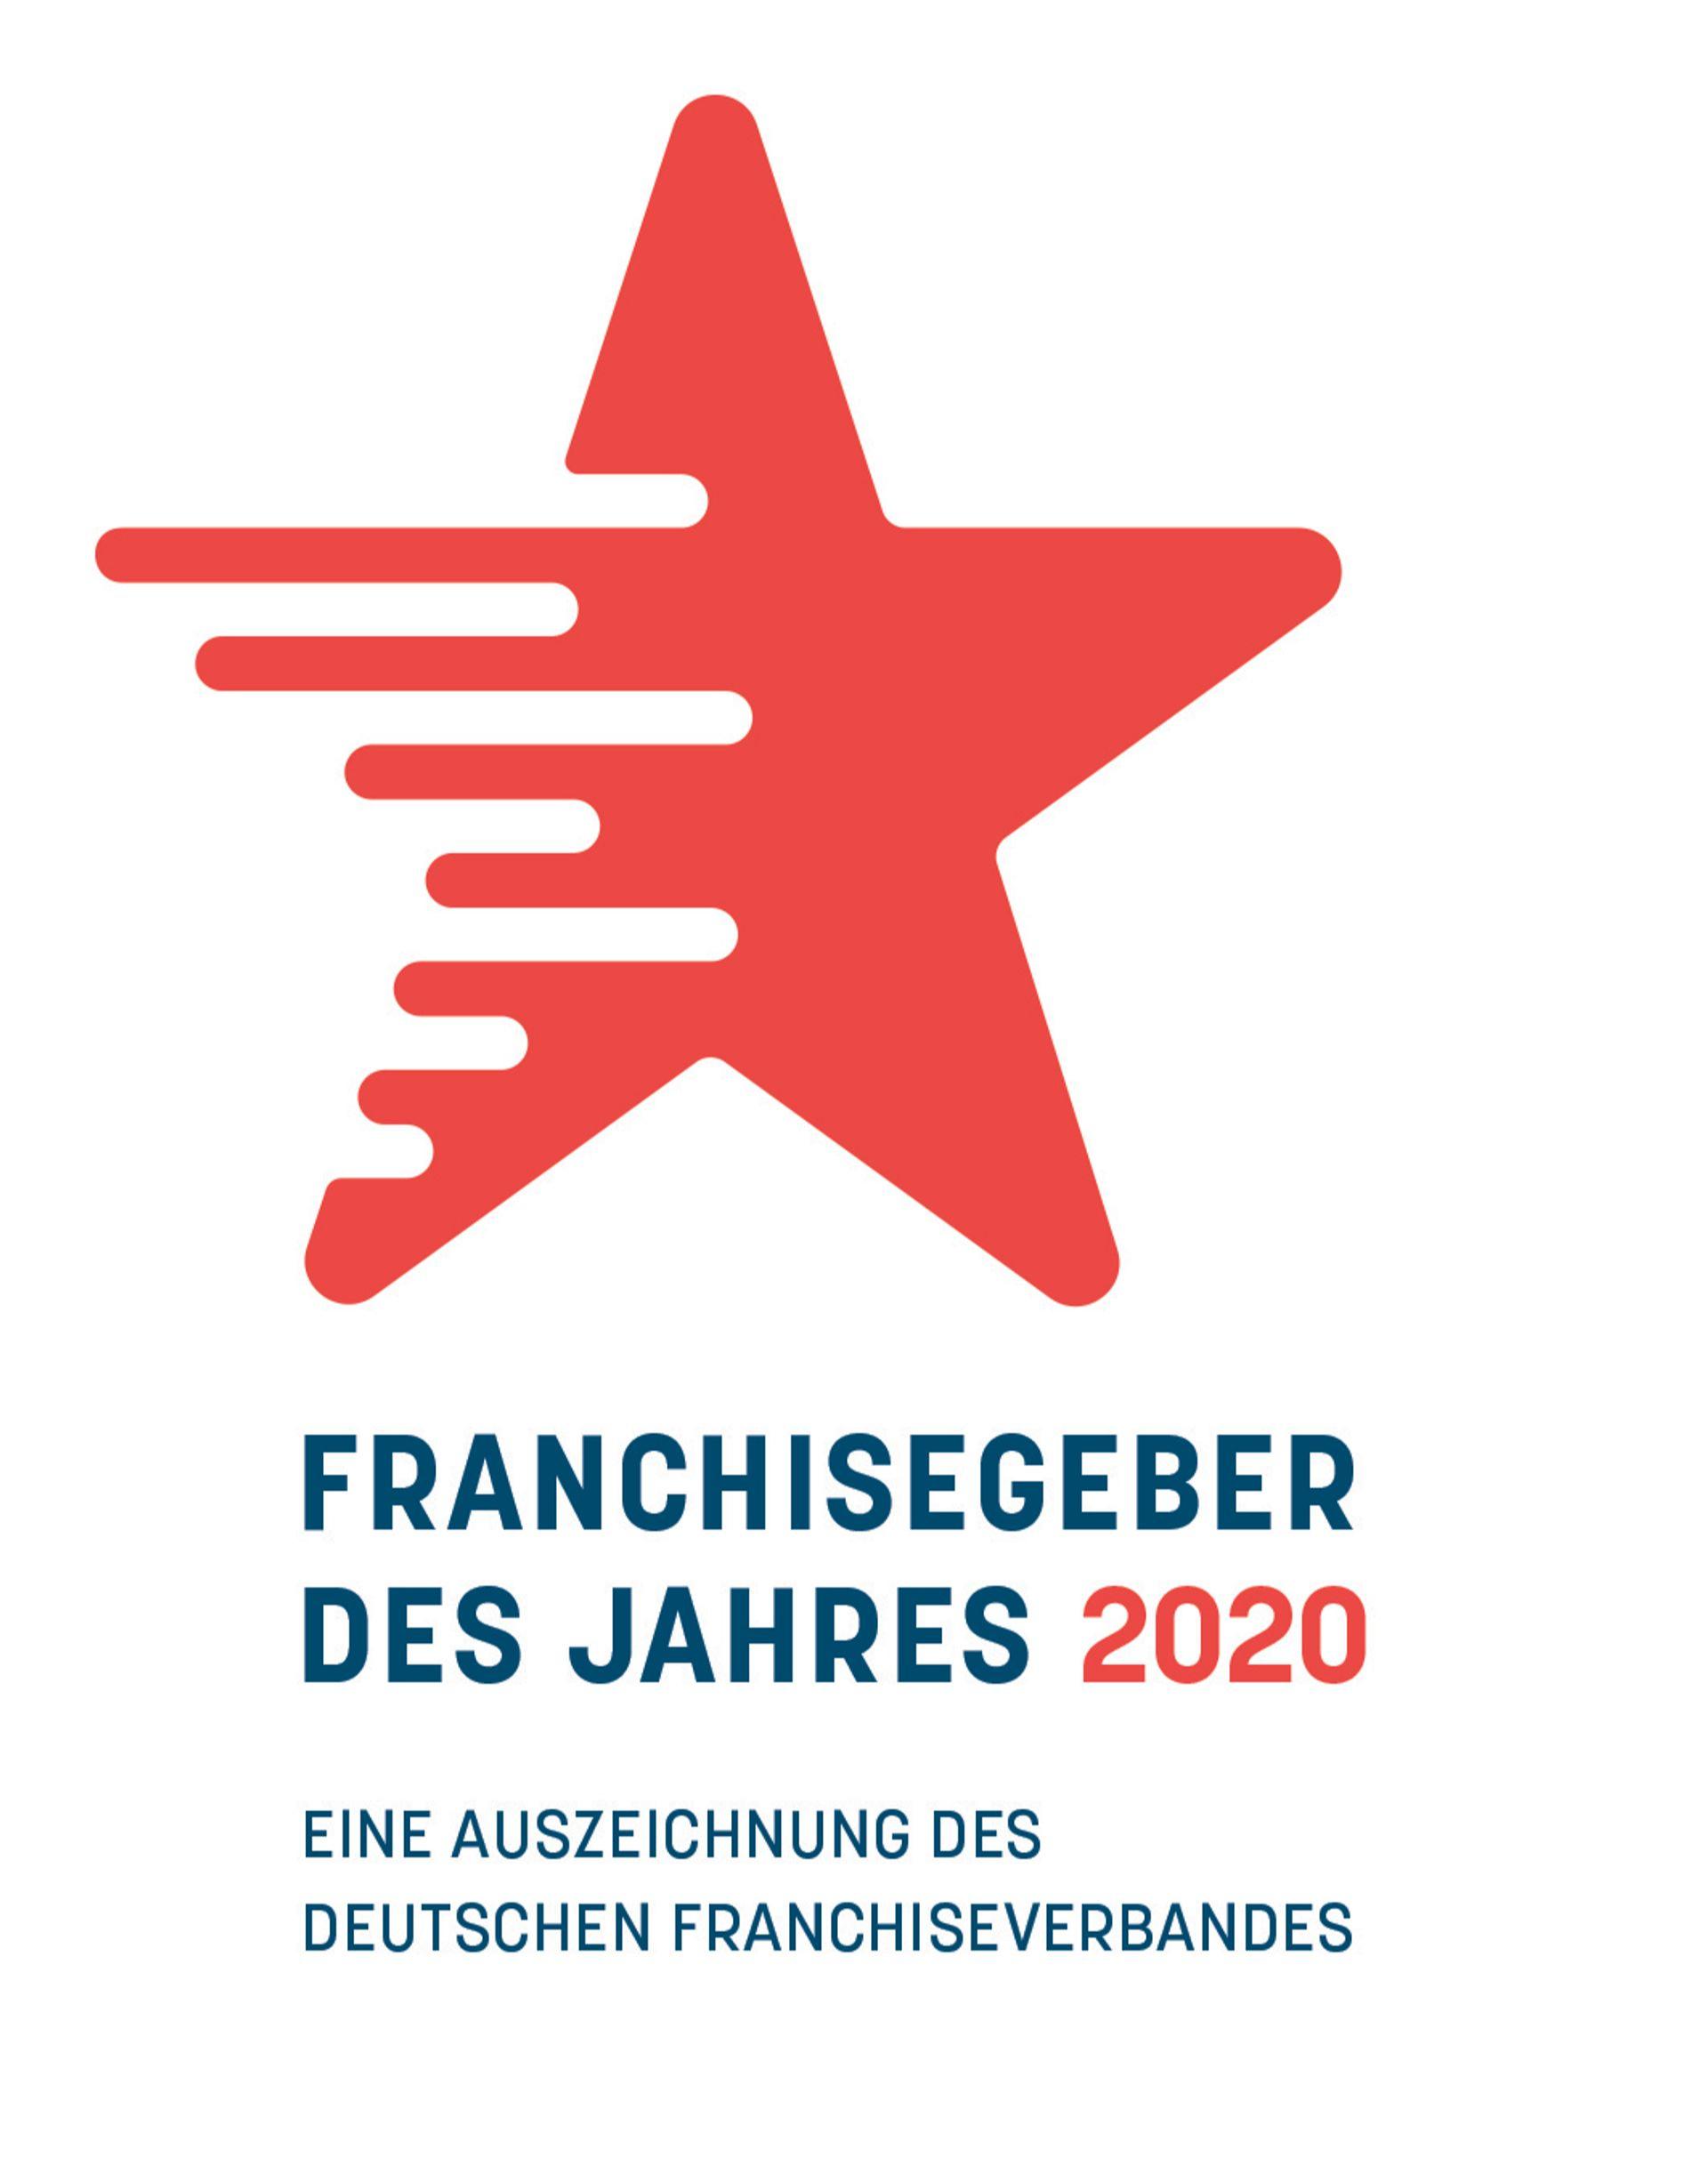 DAS FUTTERHAUS ist Franchisegeber des Jahres 2020